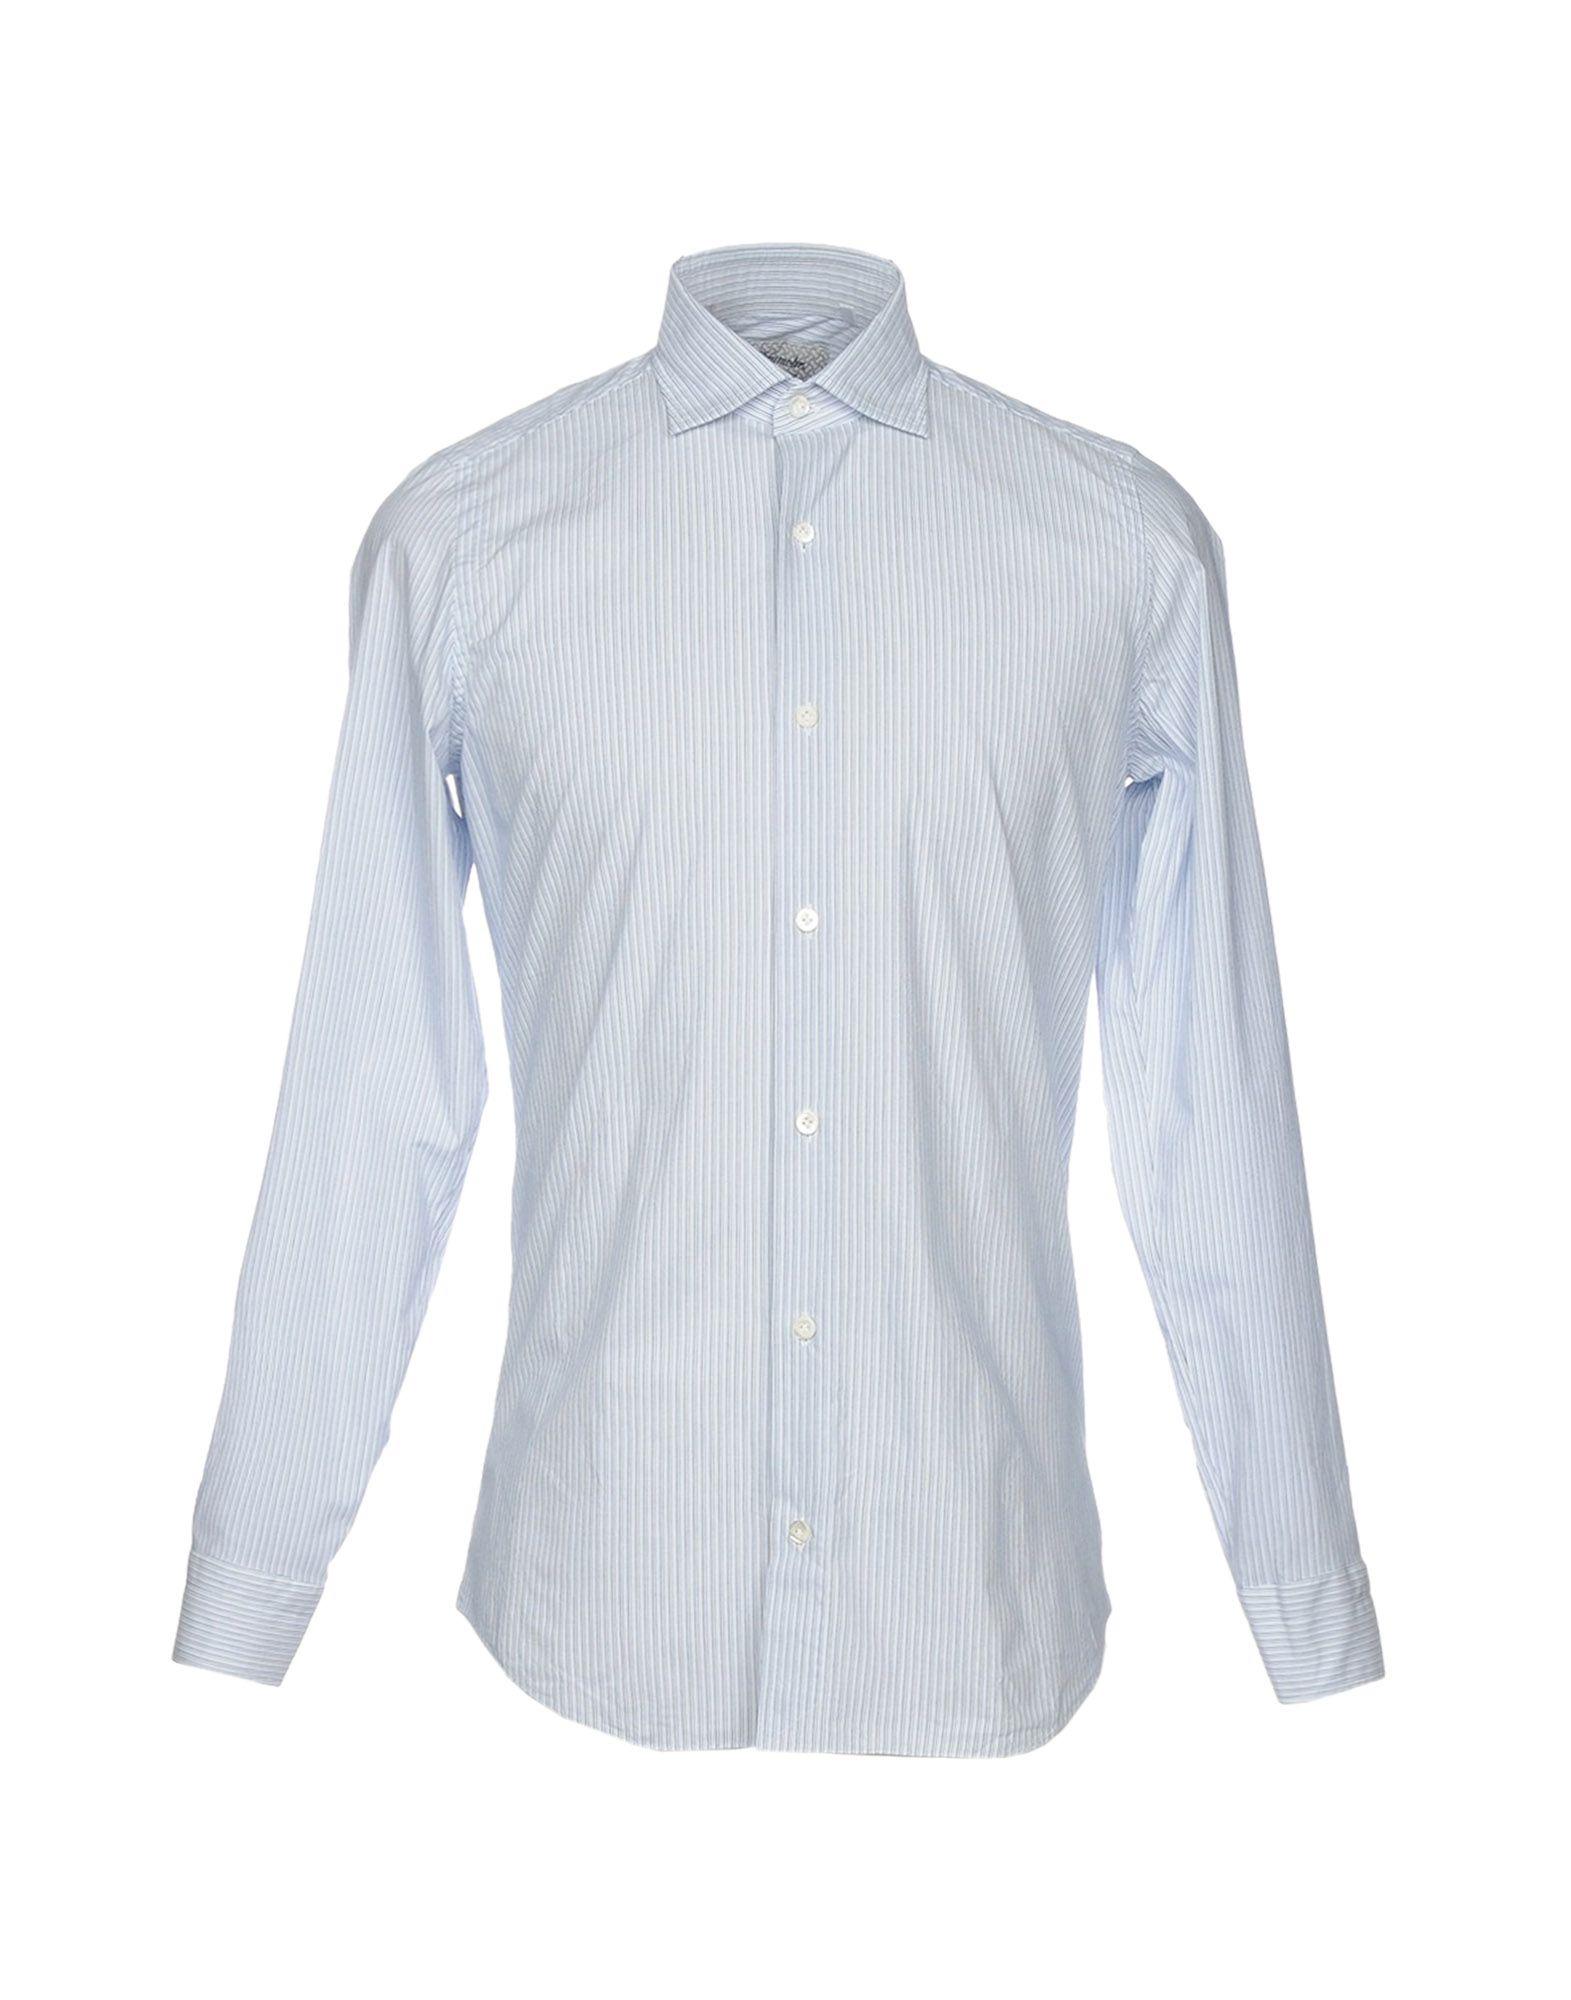 《送料無料》DRUMOHR メンズ シャツ ライトグレー 39 コットン 100%